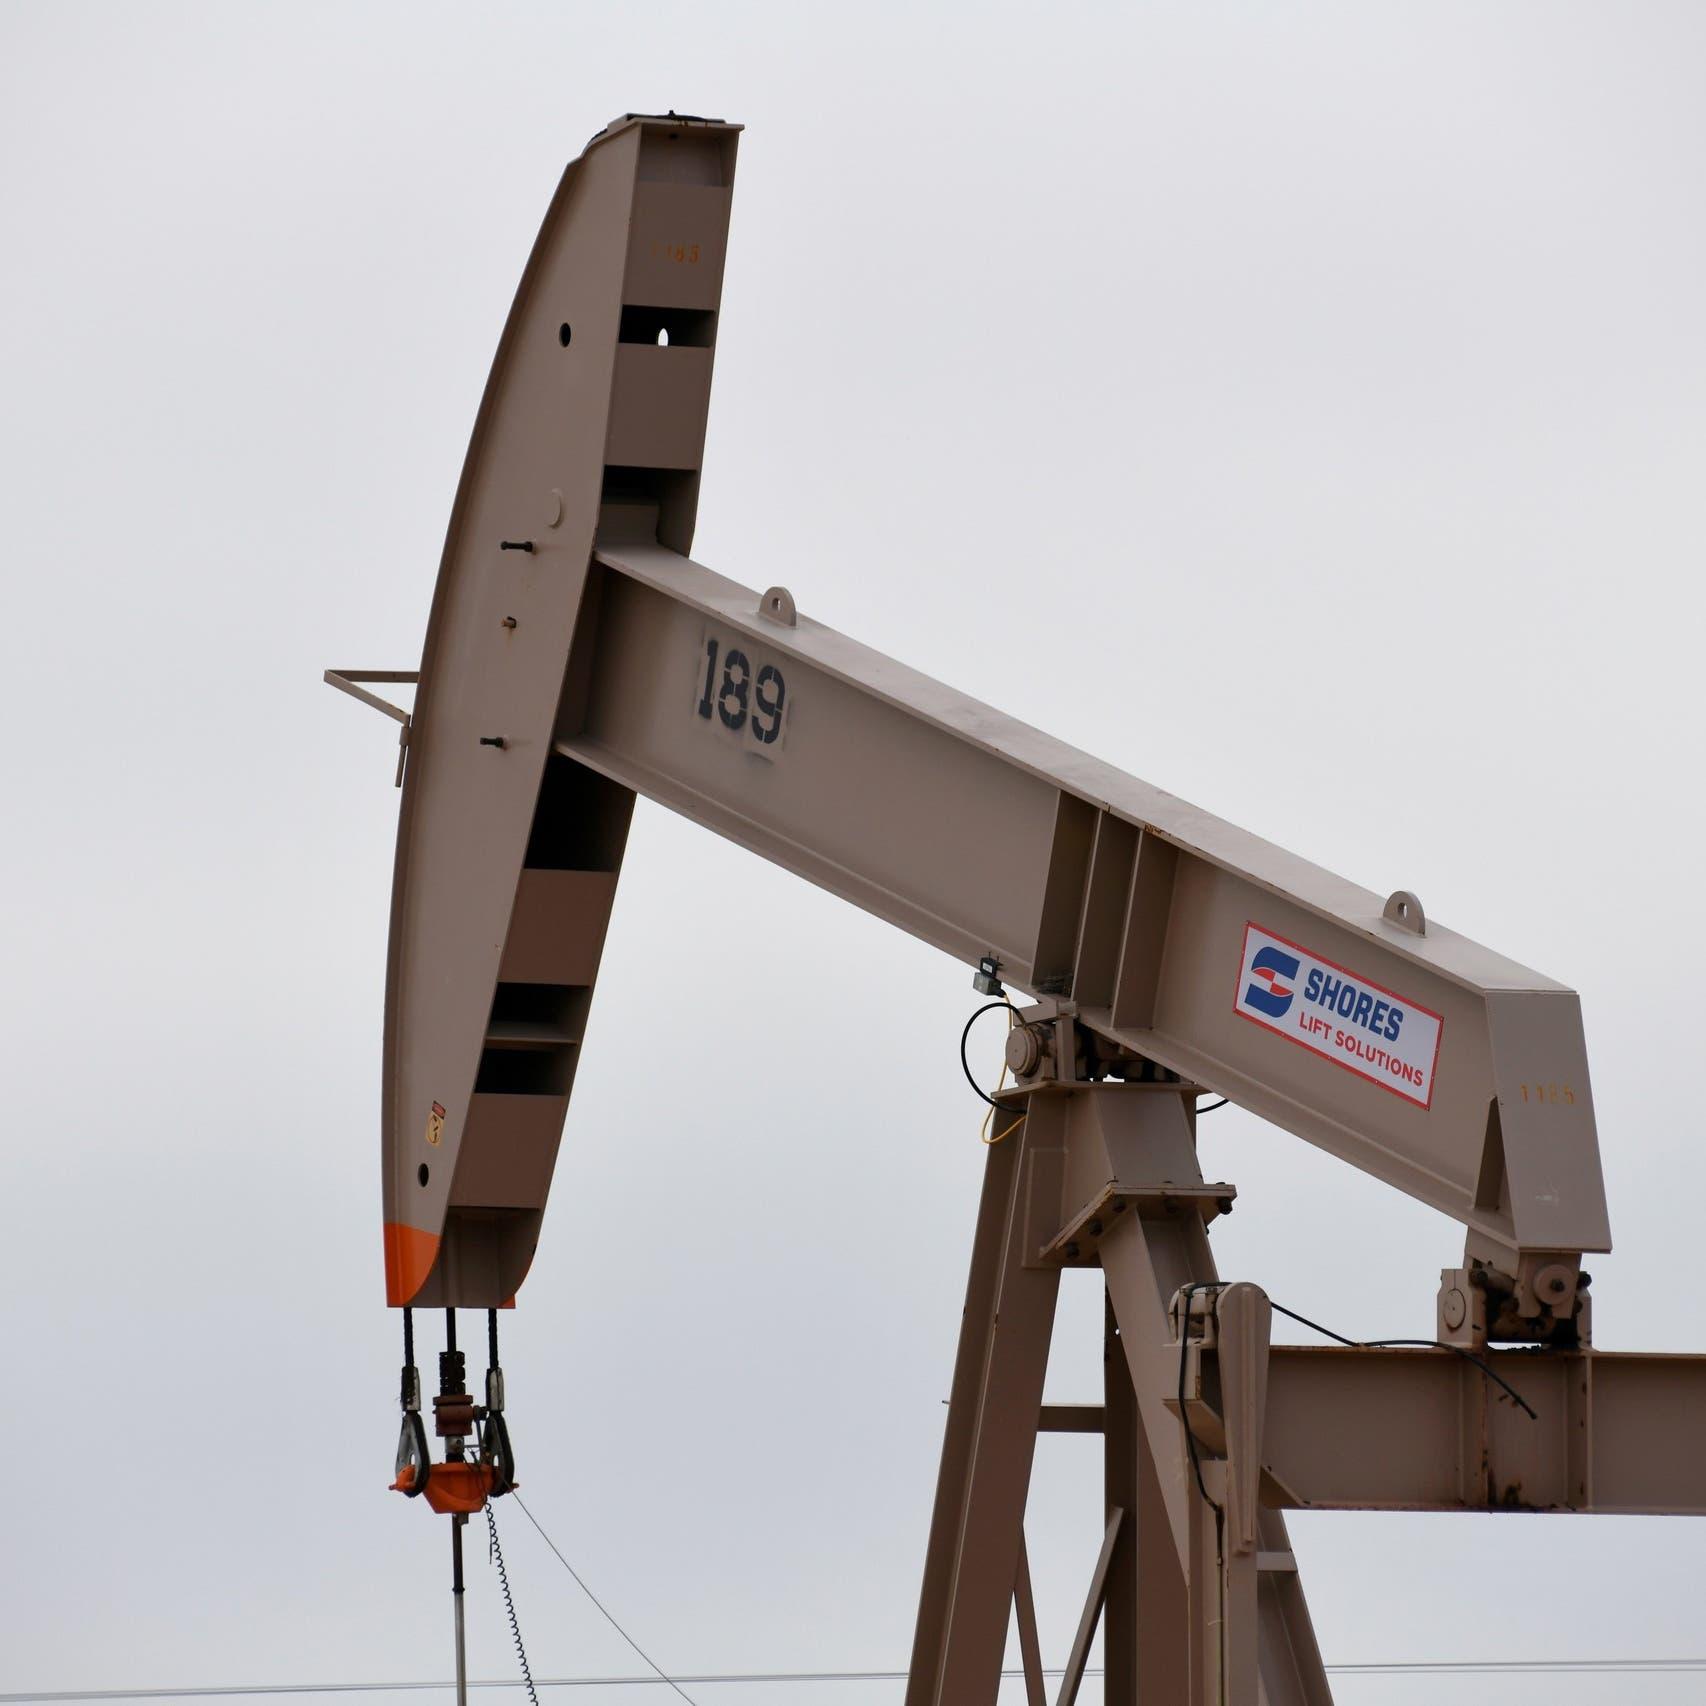 زيادة غير متوقعة بمخزونات النفط الأميركي الأسبوع الماضي